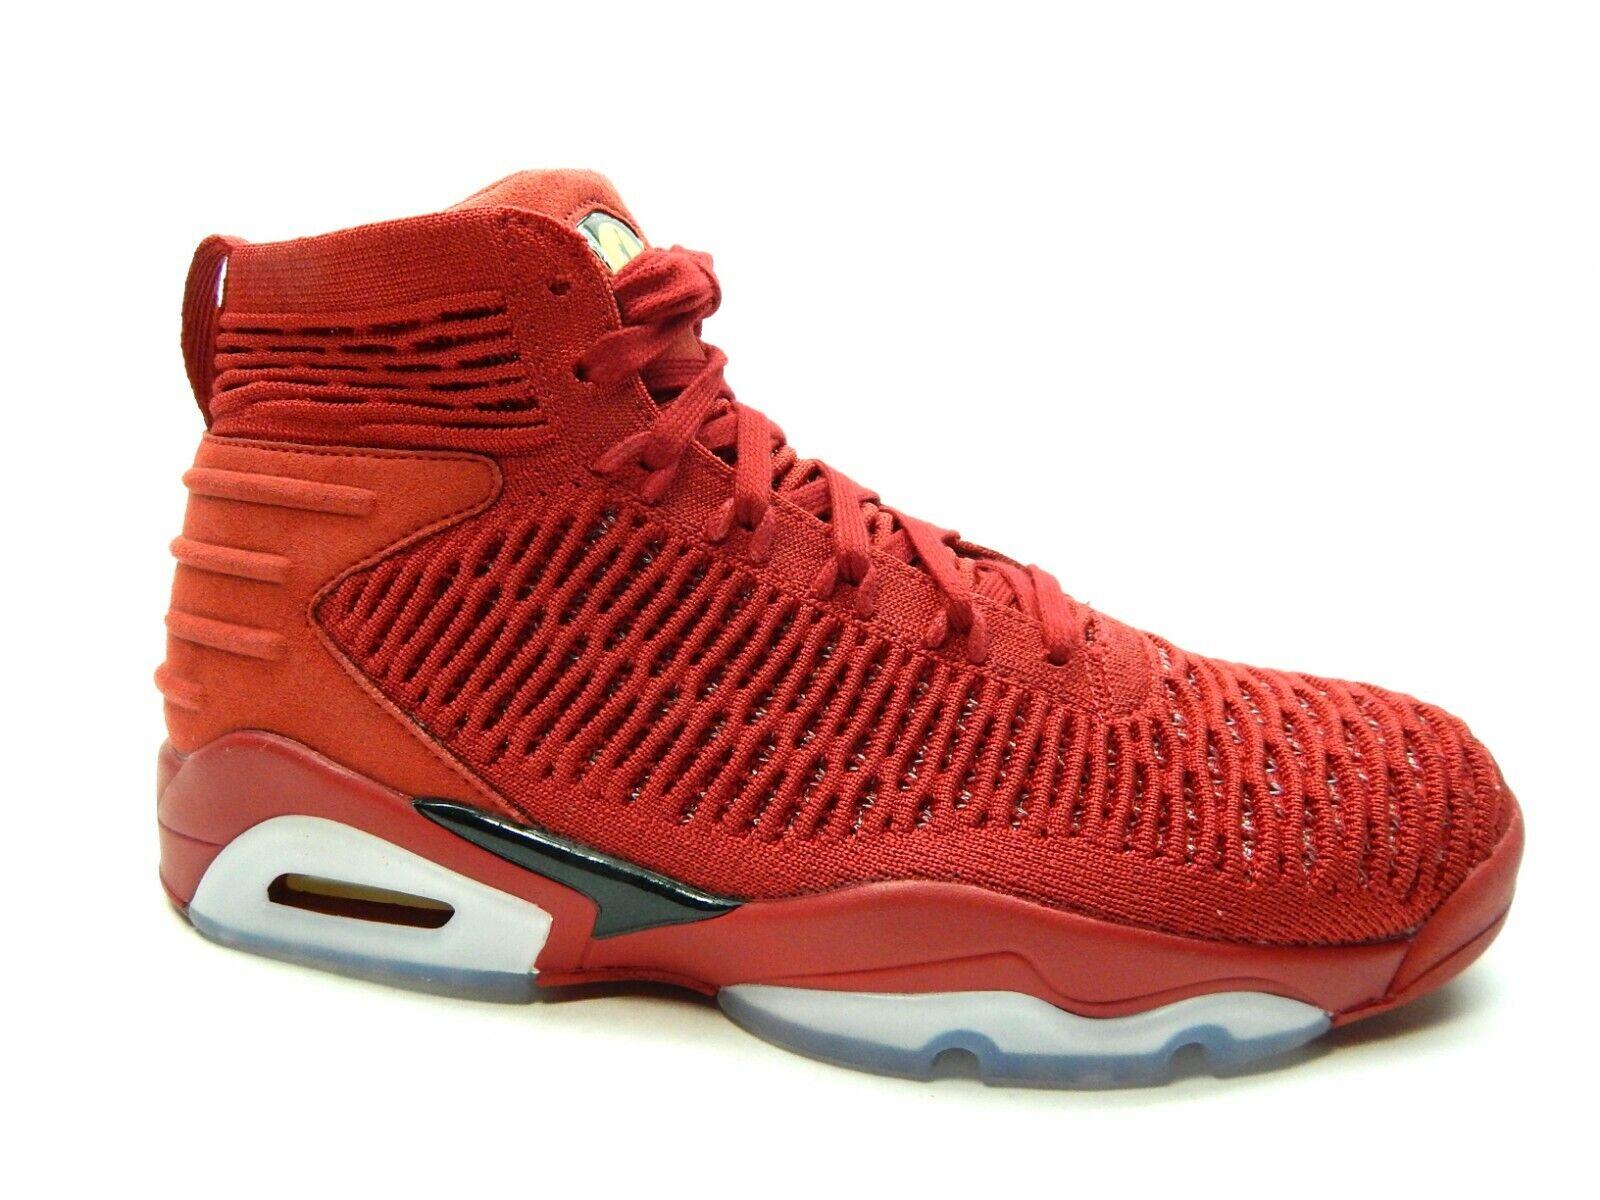 Jordan FLYKNIT Elevation 23 Hombres Zapatos Universidad Rojo Negro AJ8207 601